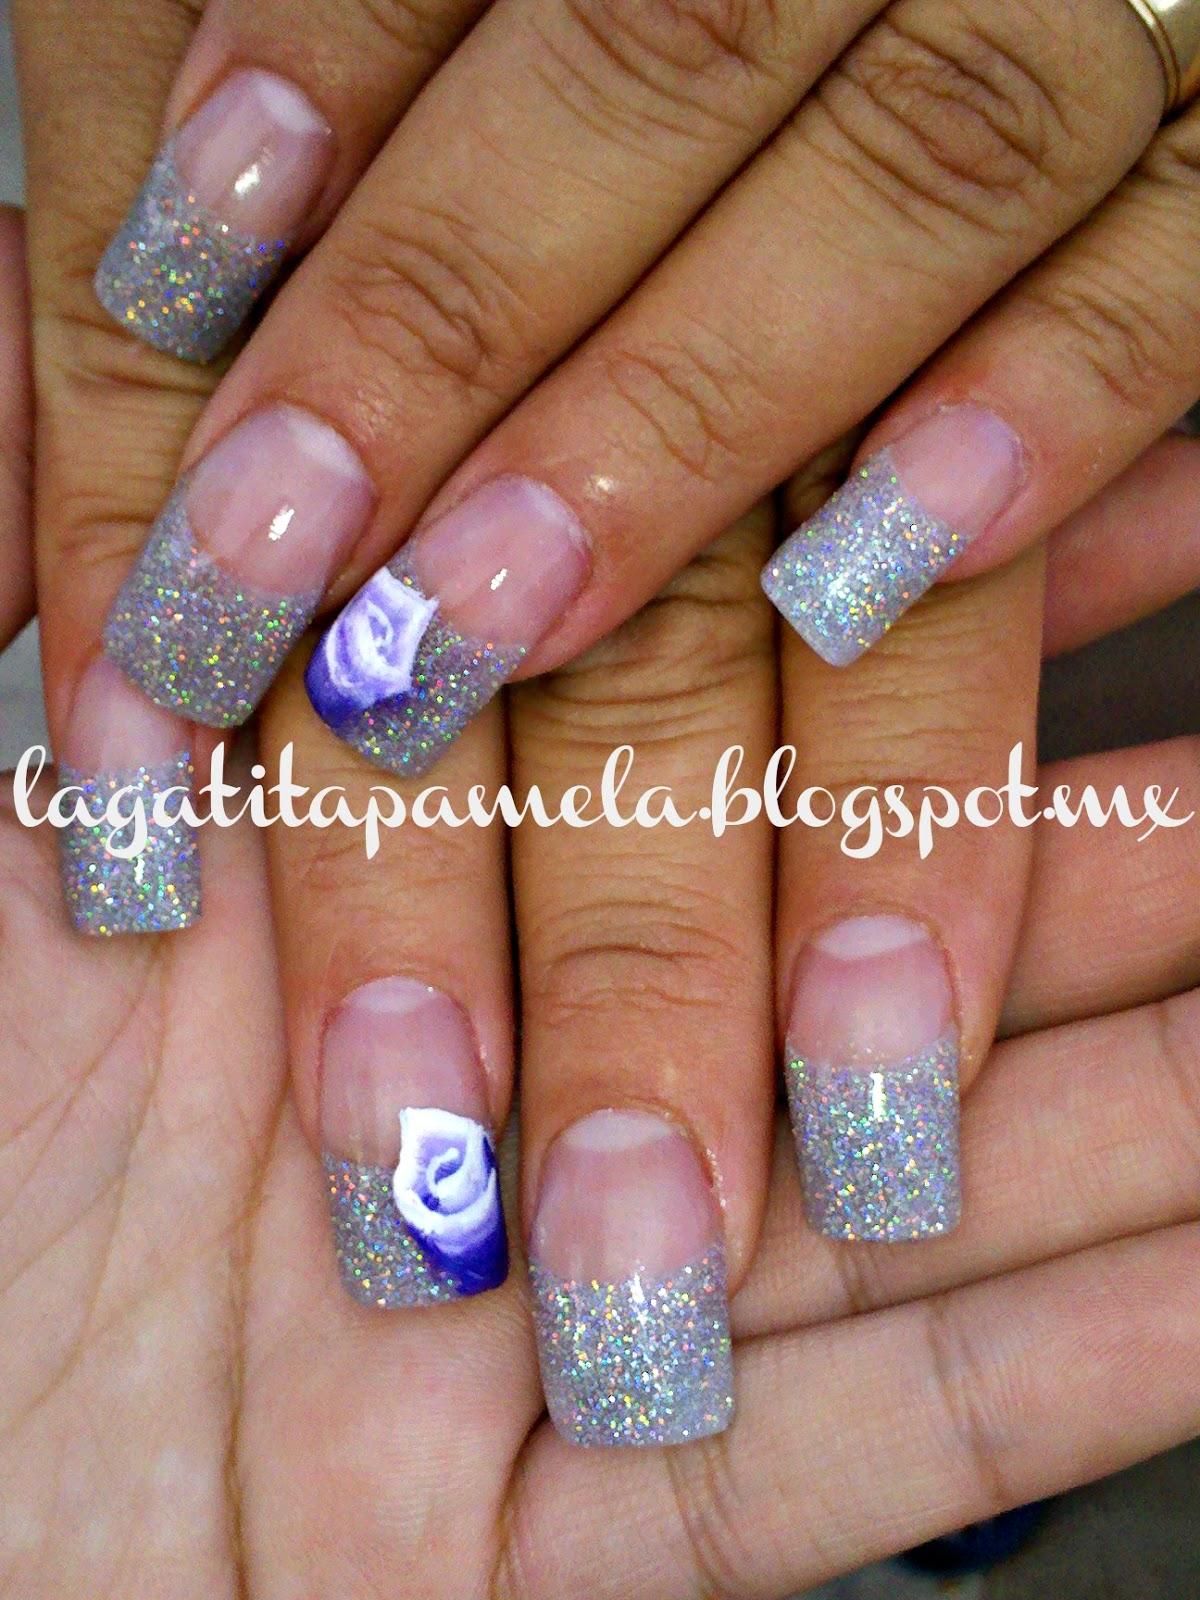 las uñas acrílicas de mi mamá, acrilico metalic grey de republic nail y rosa one stroke